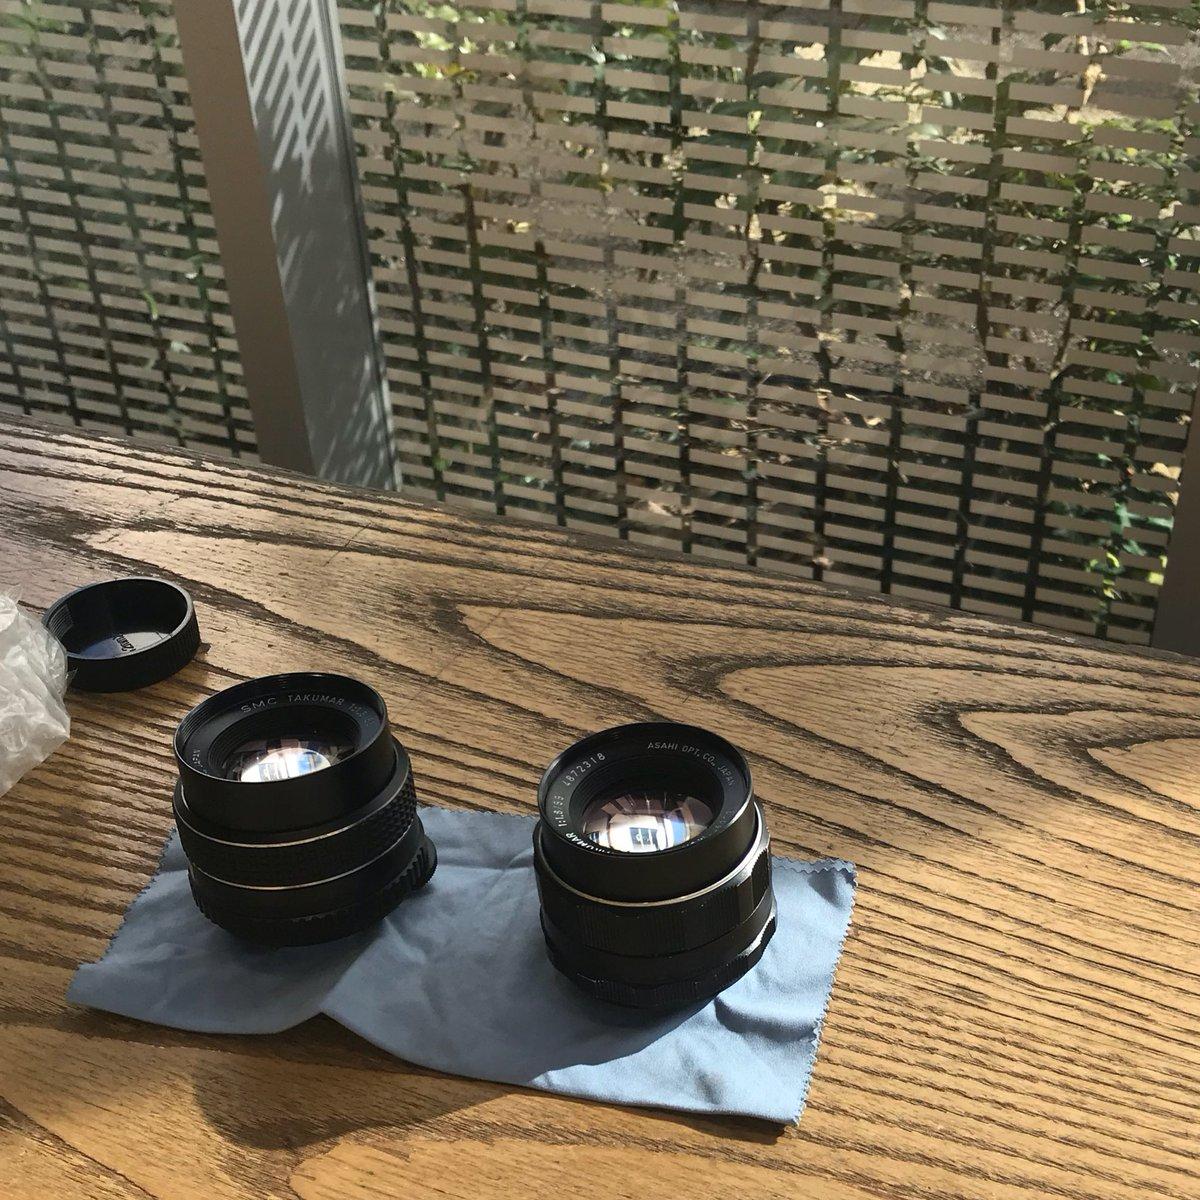 北村写真機店さんのオールドレンズバーたのしい。 実はレンズ沼はまだ知らないので最初の一本ですね。